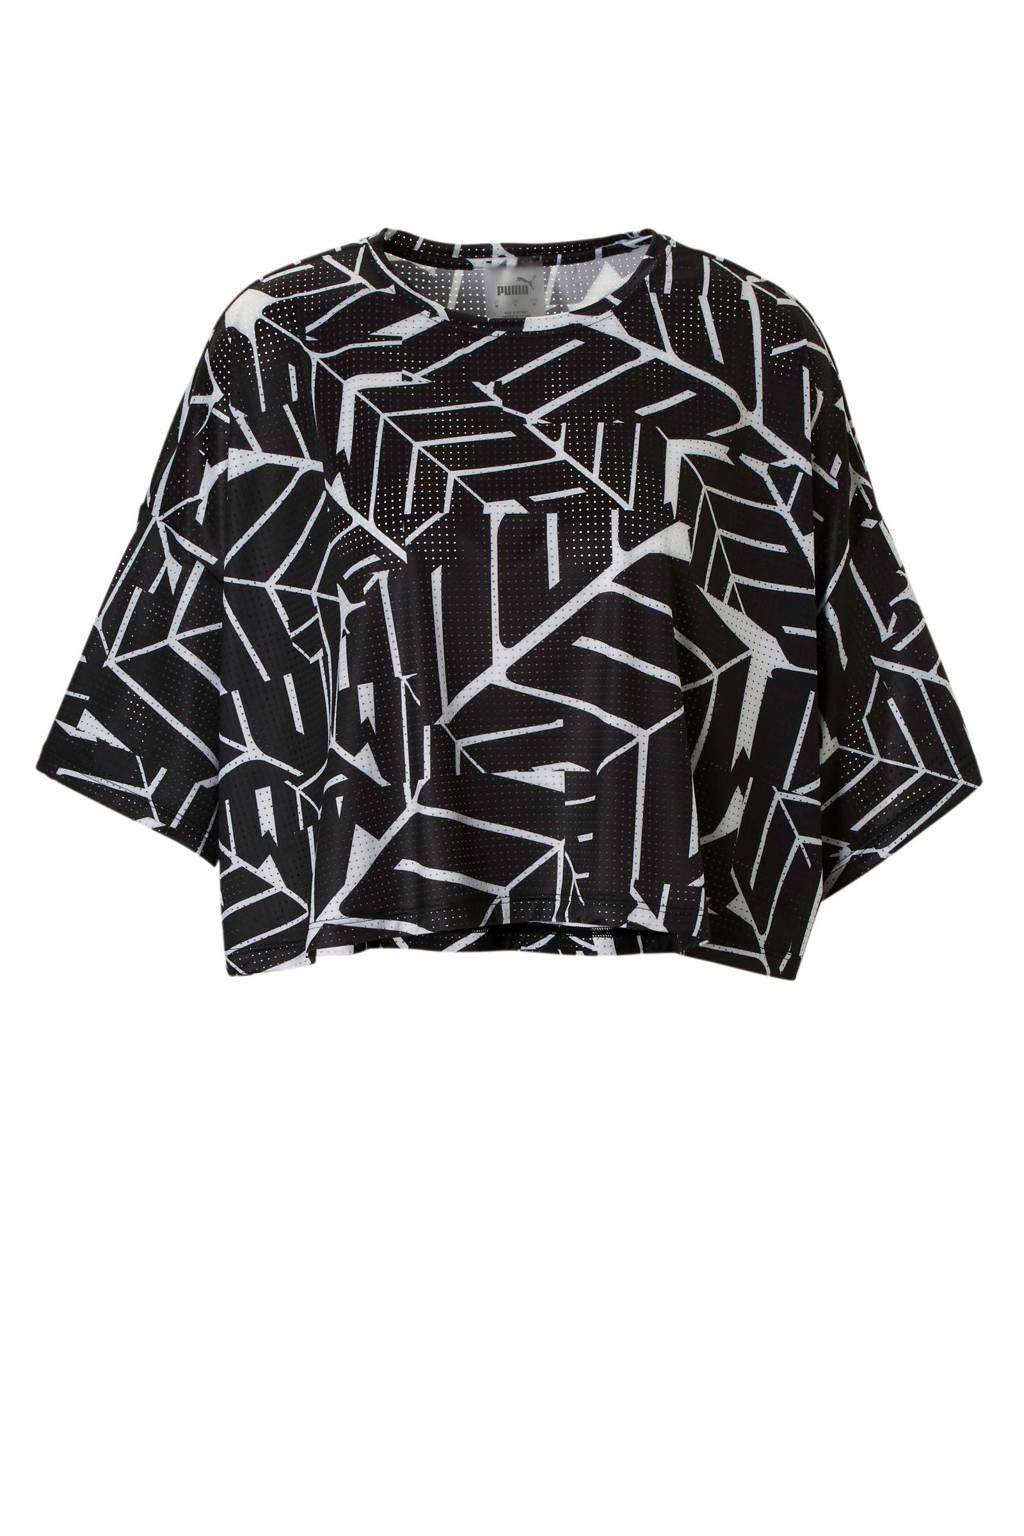 Puma sport T-shirt zwart/wit, Zwart/wit